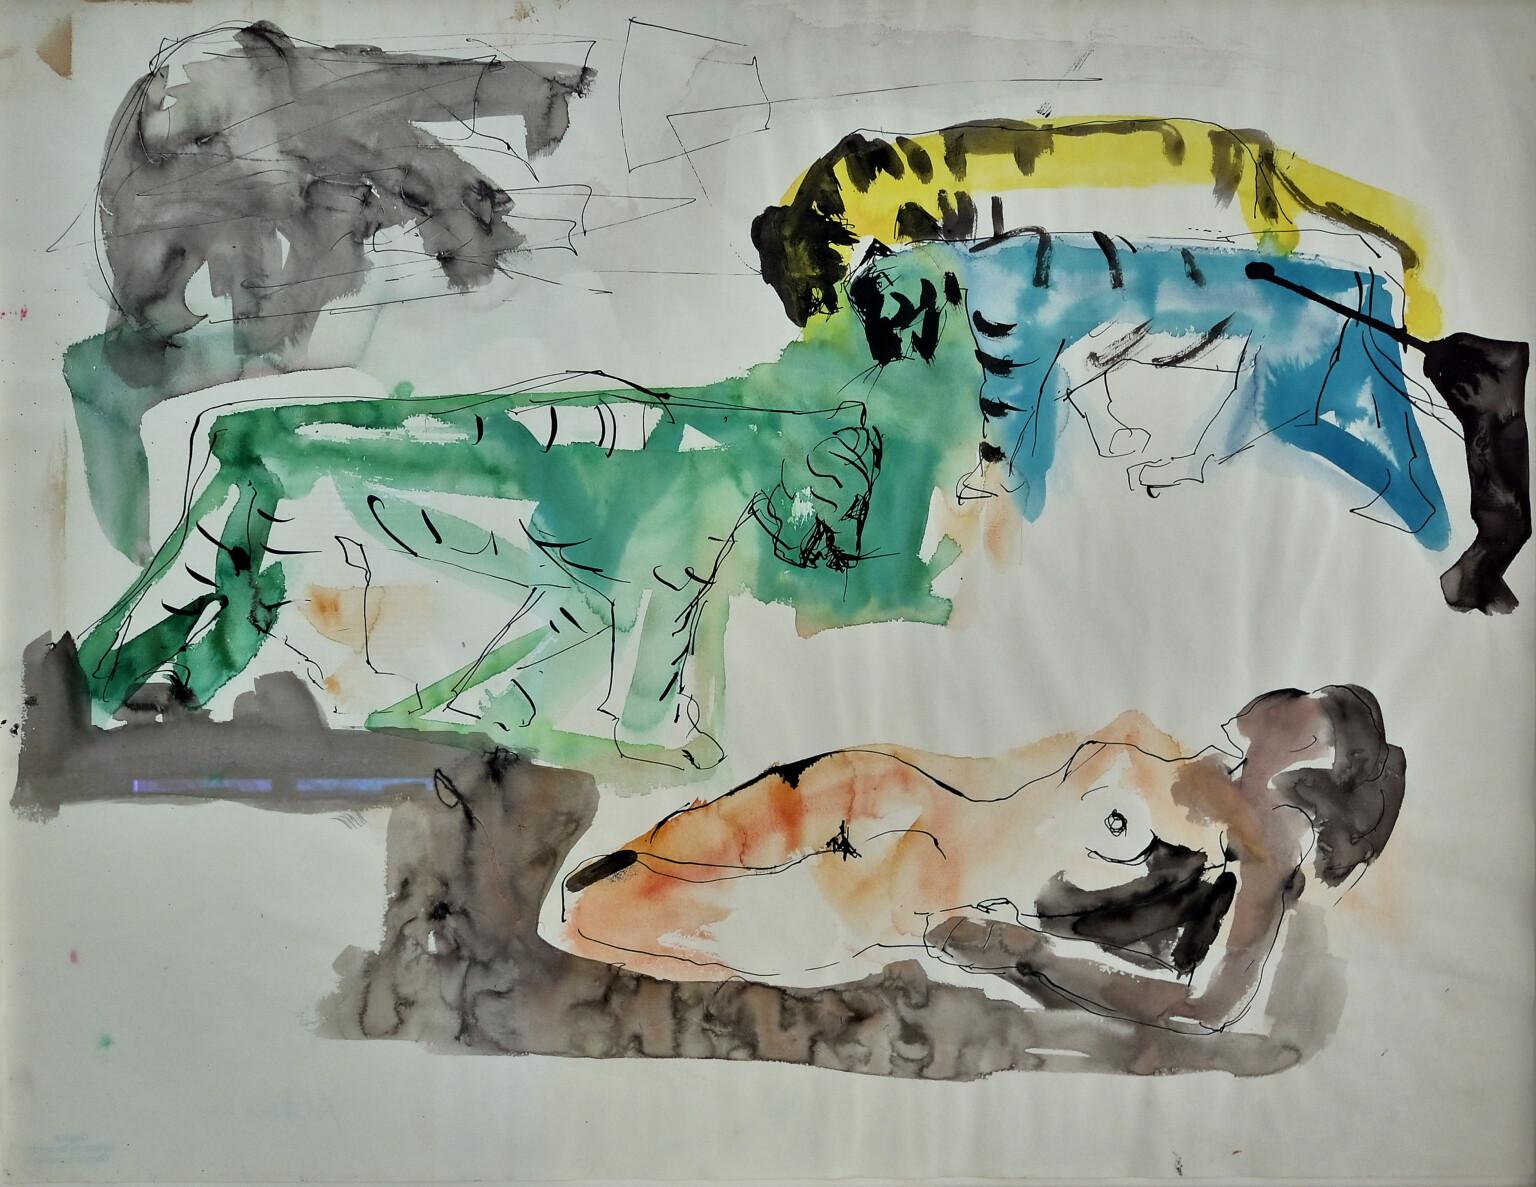 Bild des Werkes mit dem Titel: Vorstudie: Tigre vert et tigre bleu (Grüner Tiger und blauer Tiger)